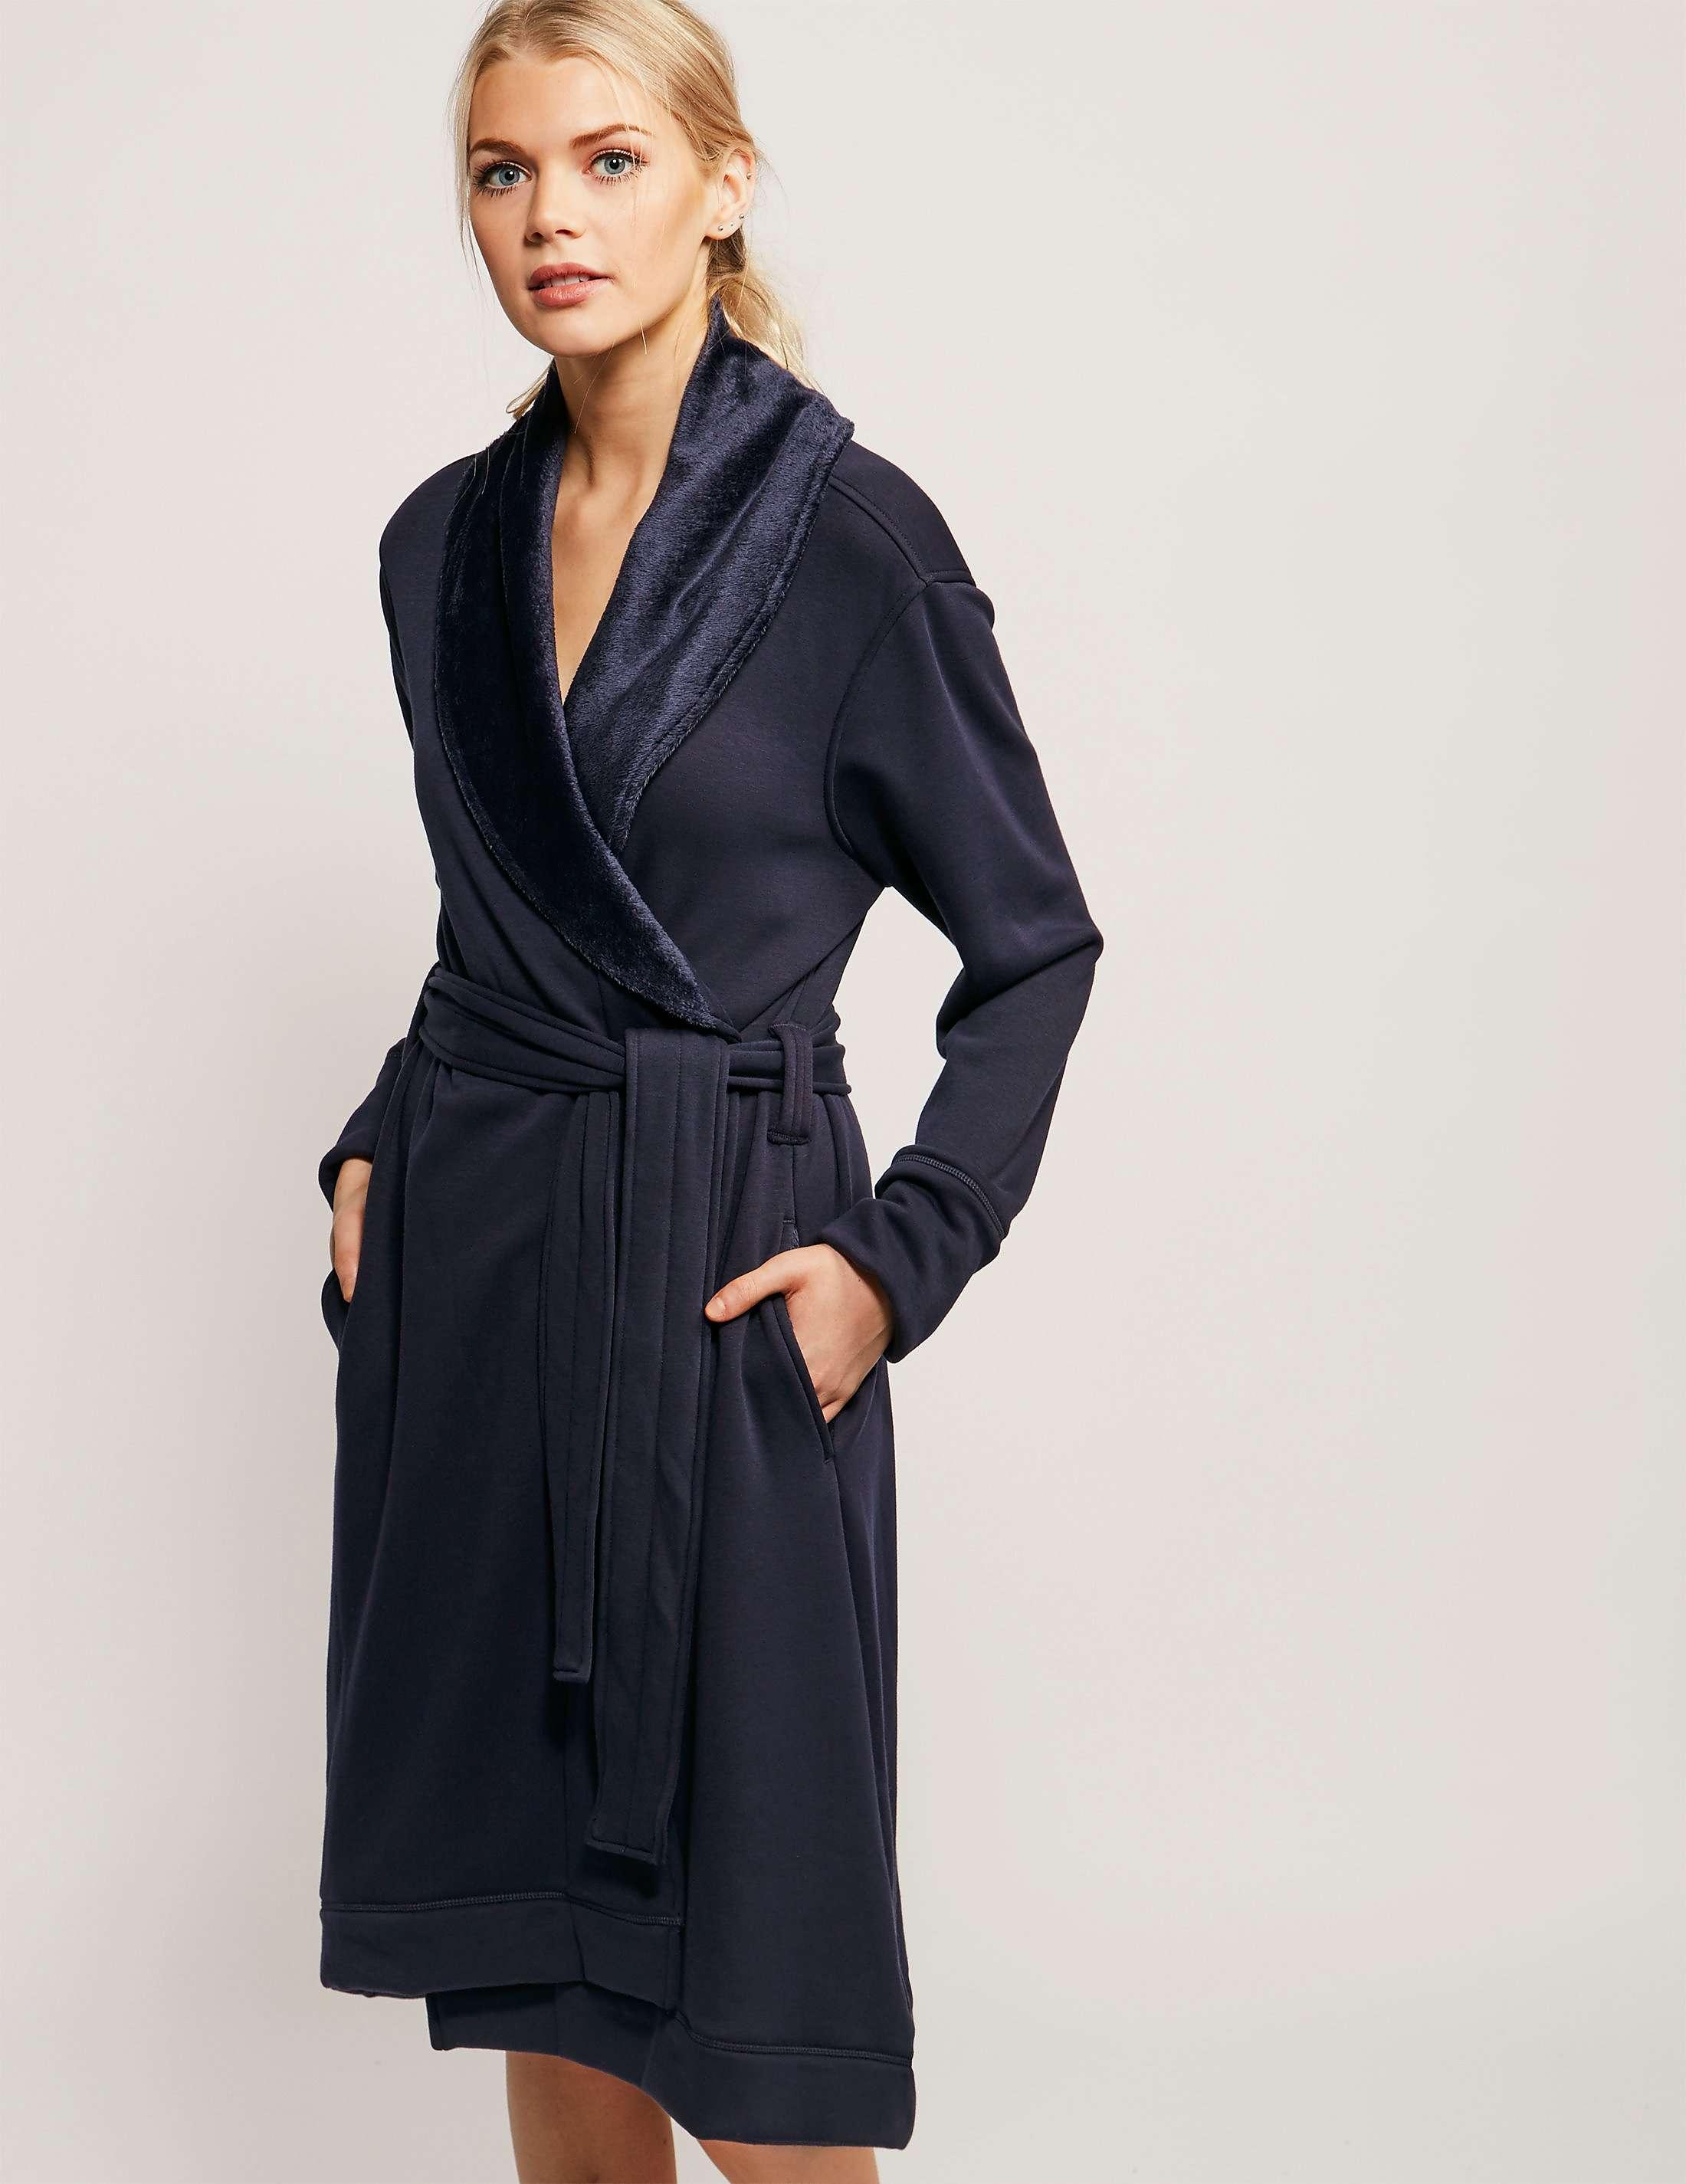 9eb6e61da8 Ugg Australia Women s Duffield Robe